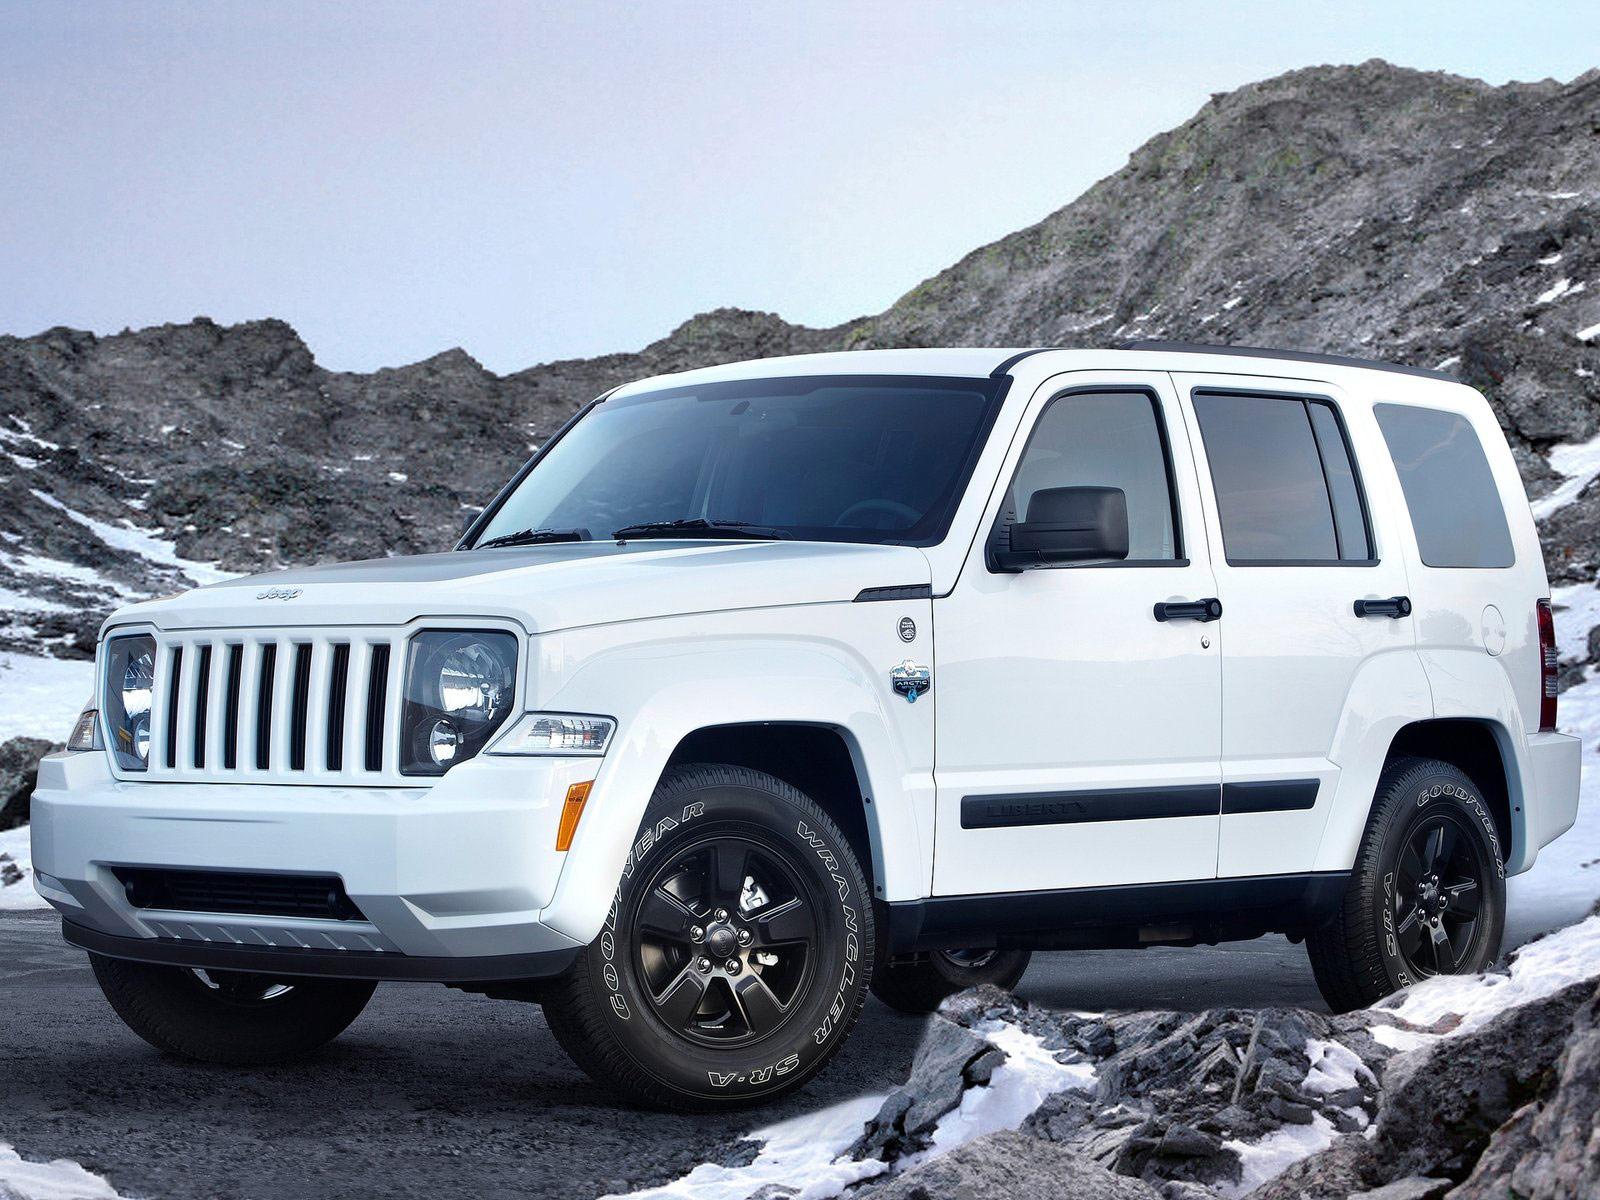 2012 Jeep Wrangler Arctic | Download Gambar Mobil